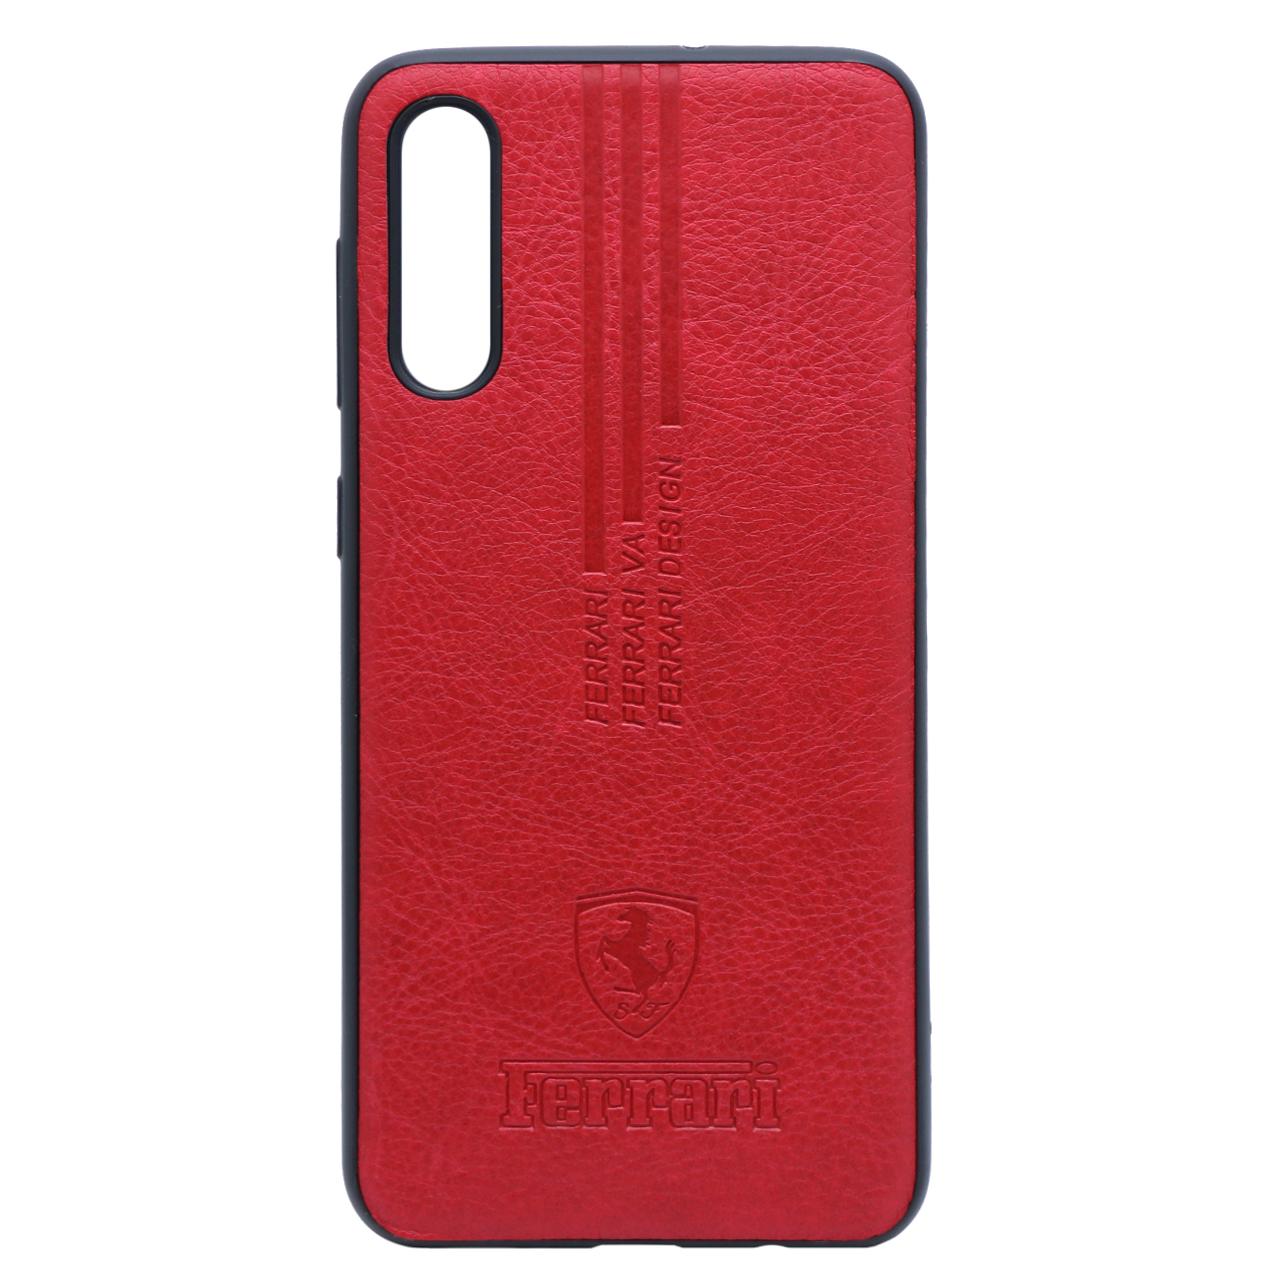 کاور مدل FRR-01 مناسب برای گوشی موبایل سامسونگ Galaxy A50/A30s/A50s